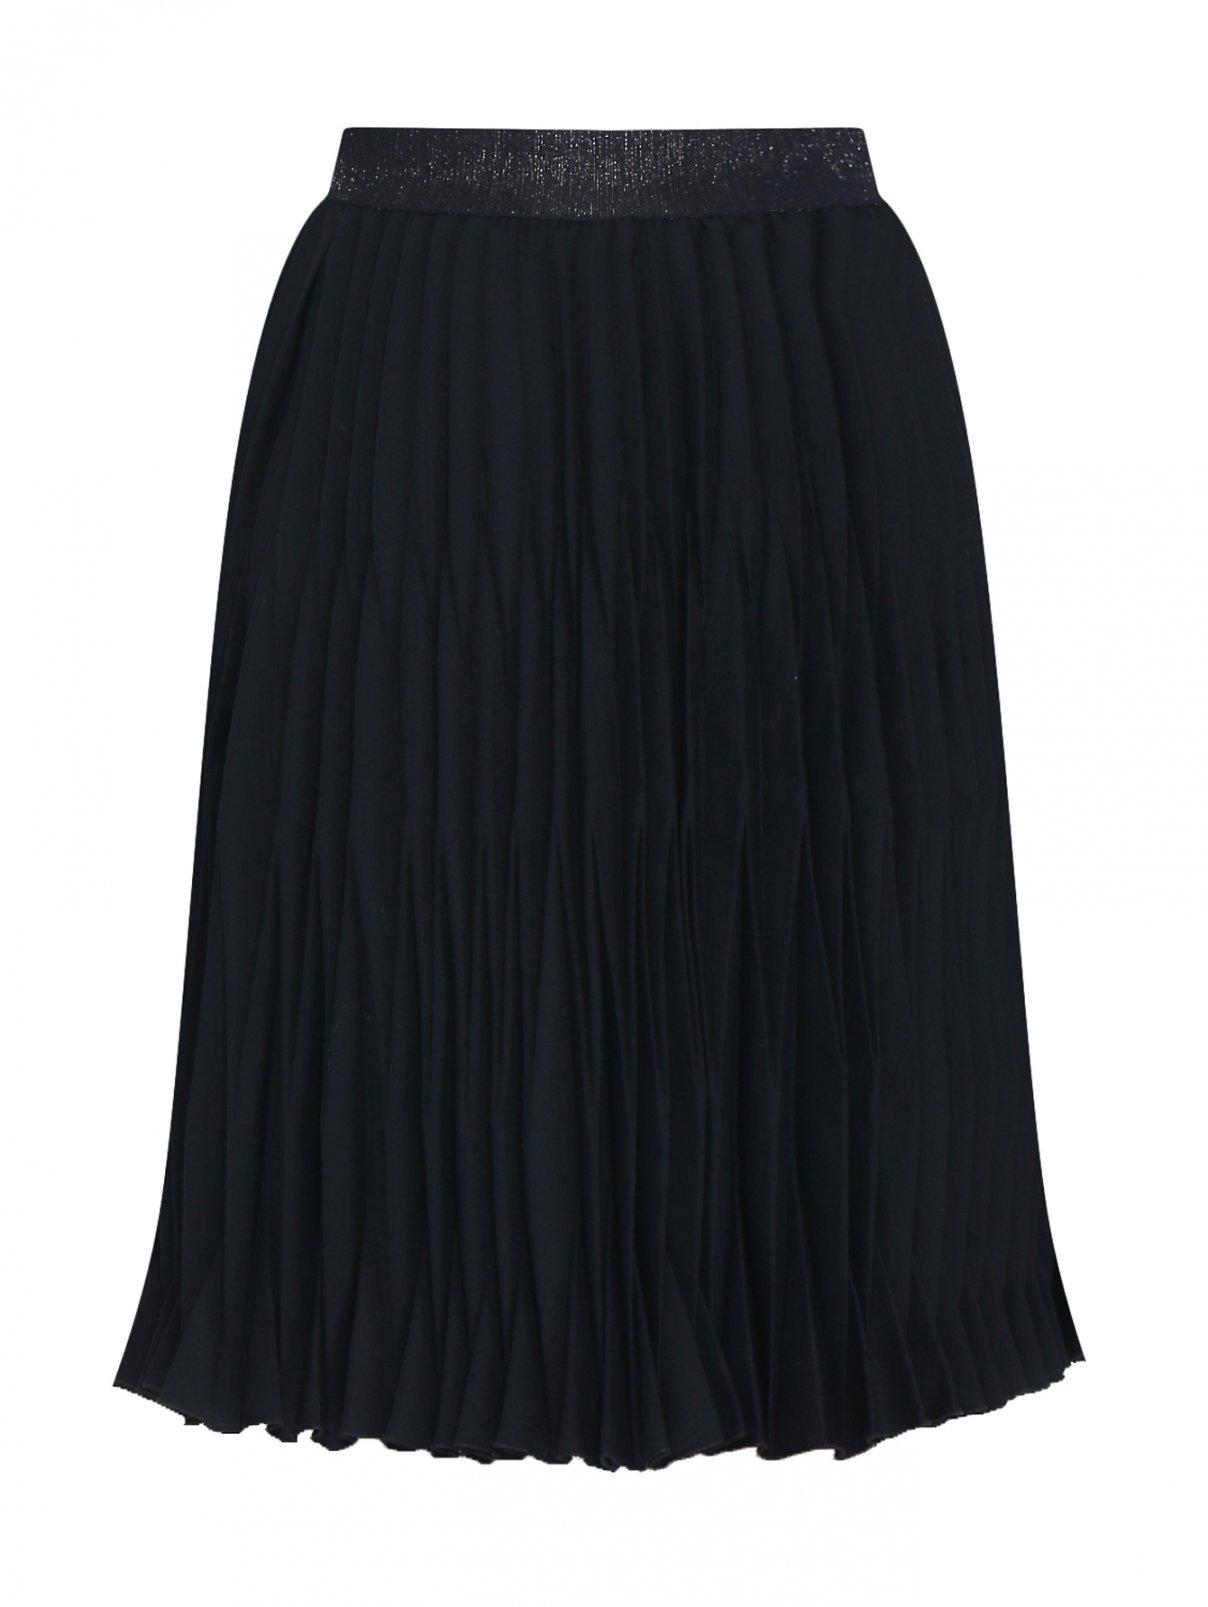 Юбка плиссированная из смессовой шерсти Aletta Couture  –  Общий вид